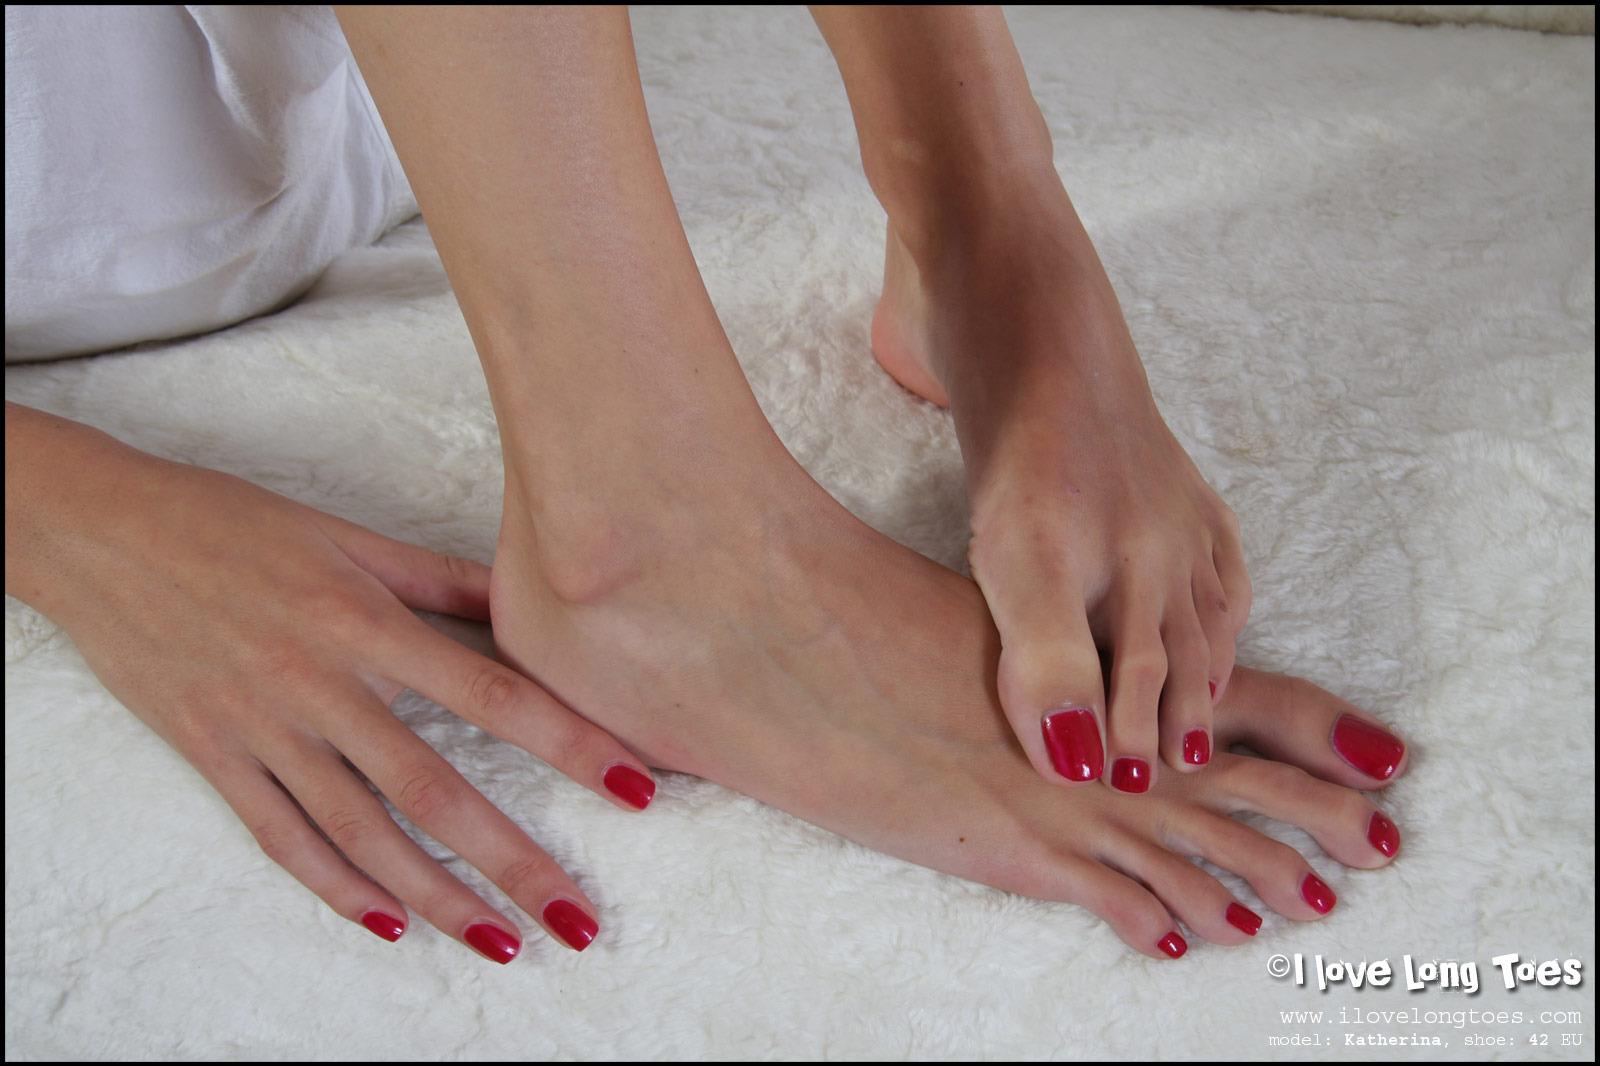 Hosszú lábujjak